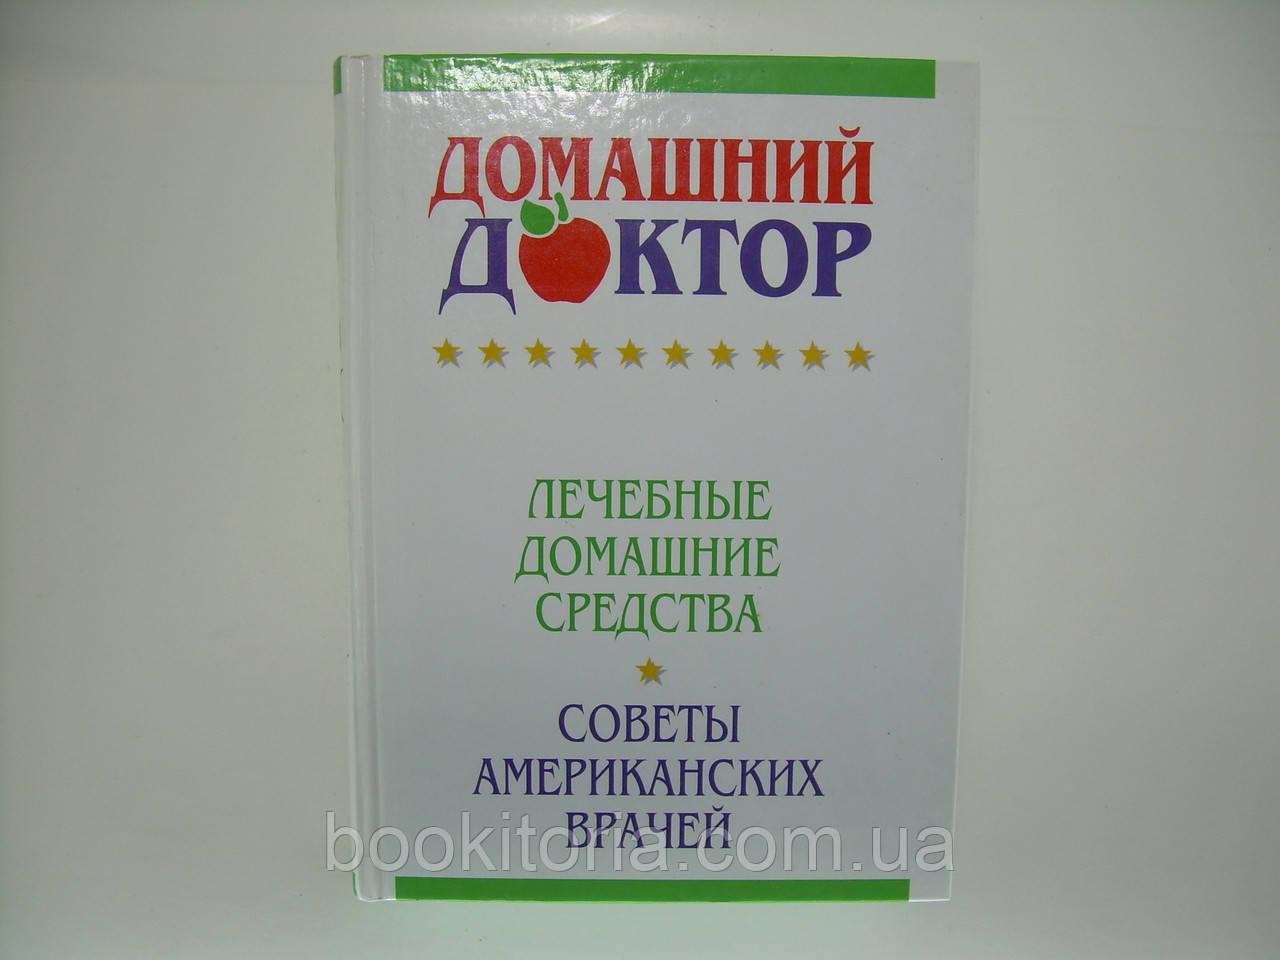 Домашний доктор. Лечебные домашние средства (б/у).